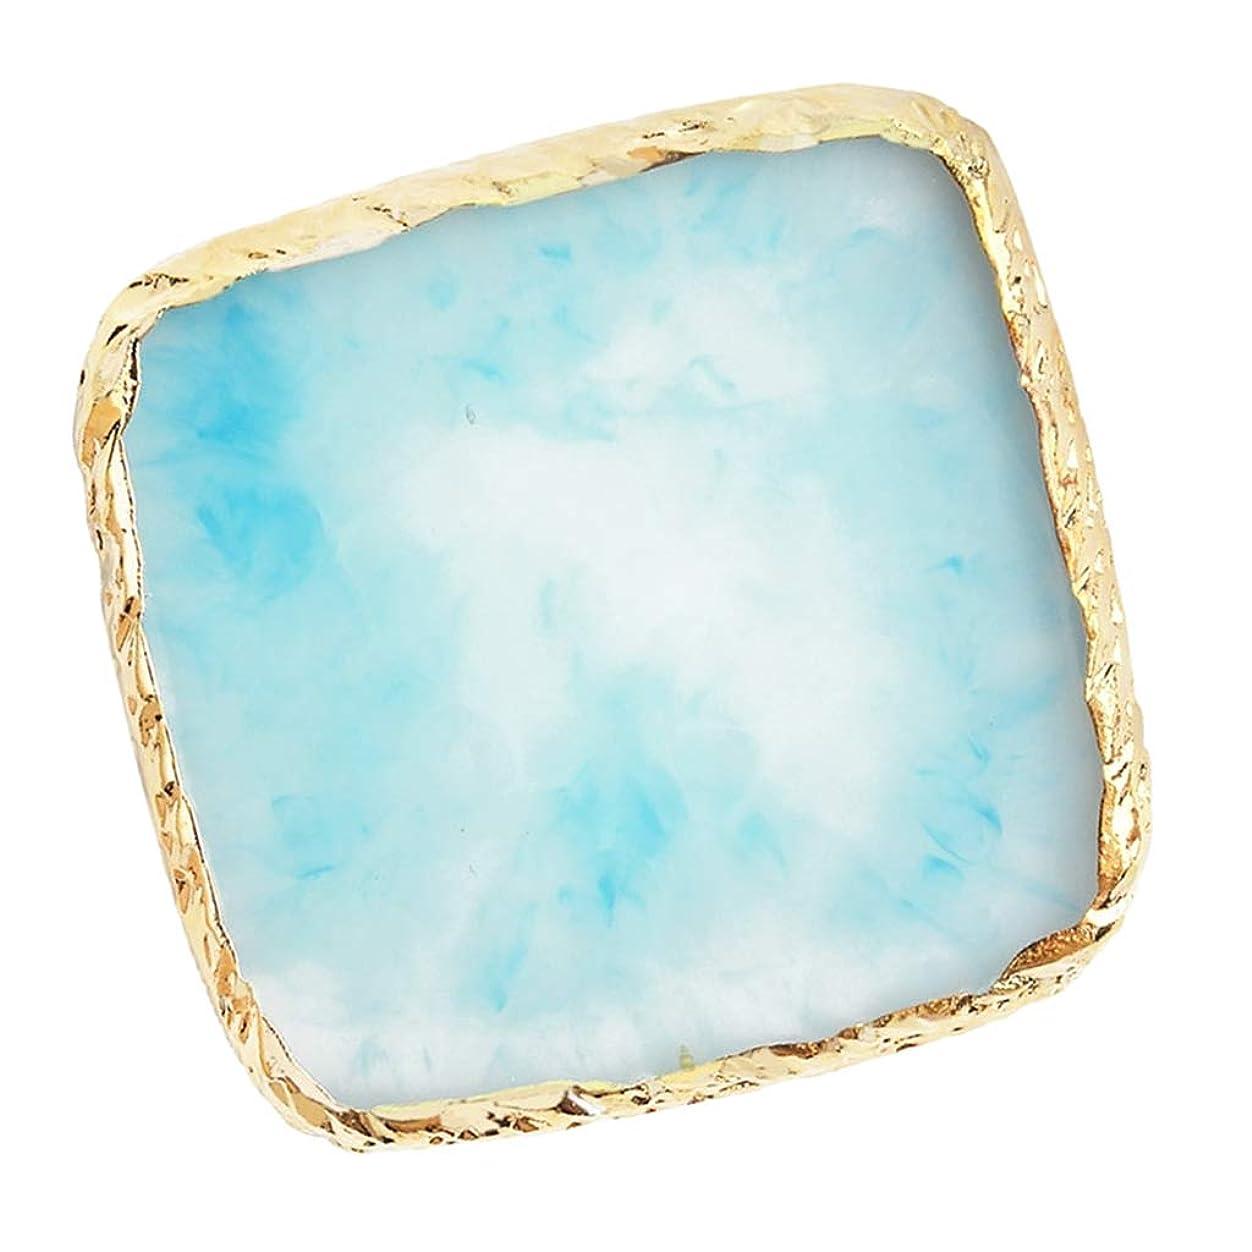 恩赦テロカフェテリアB Baosity ネイルアート イング カラー パレット ミキシングパレット 6色選べ - 青